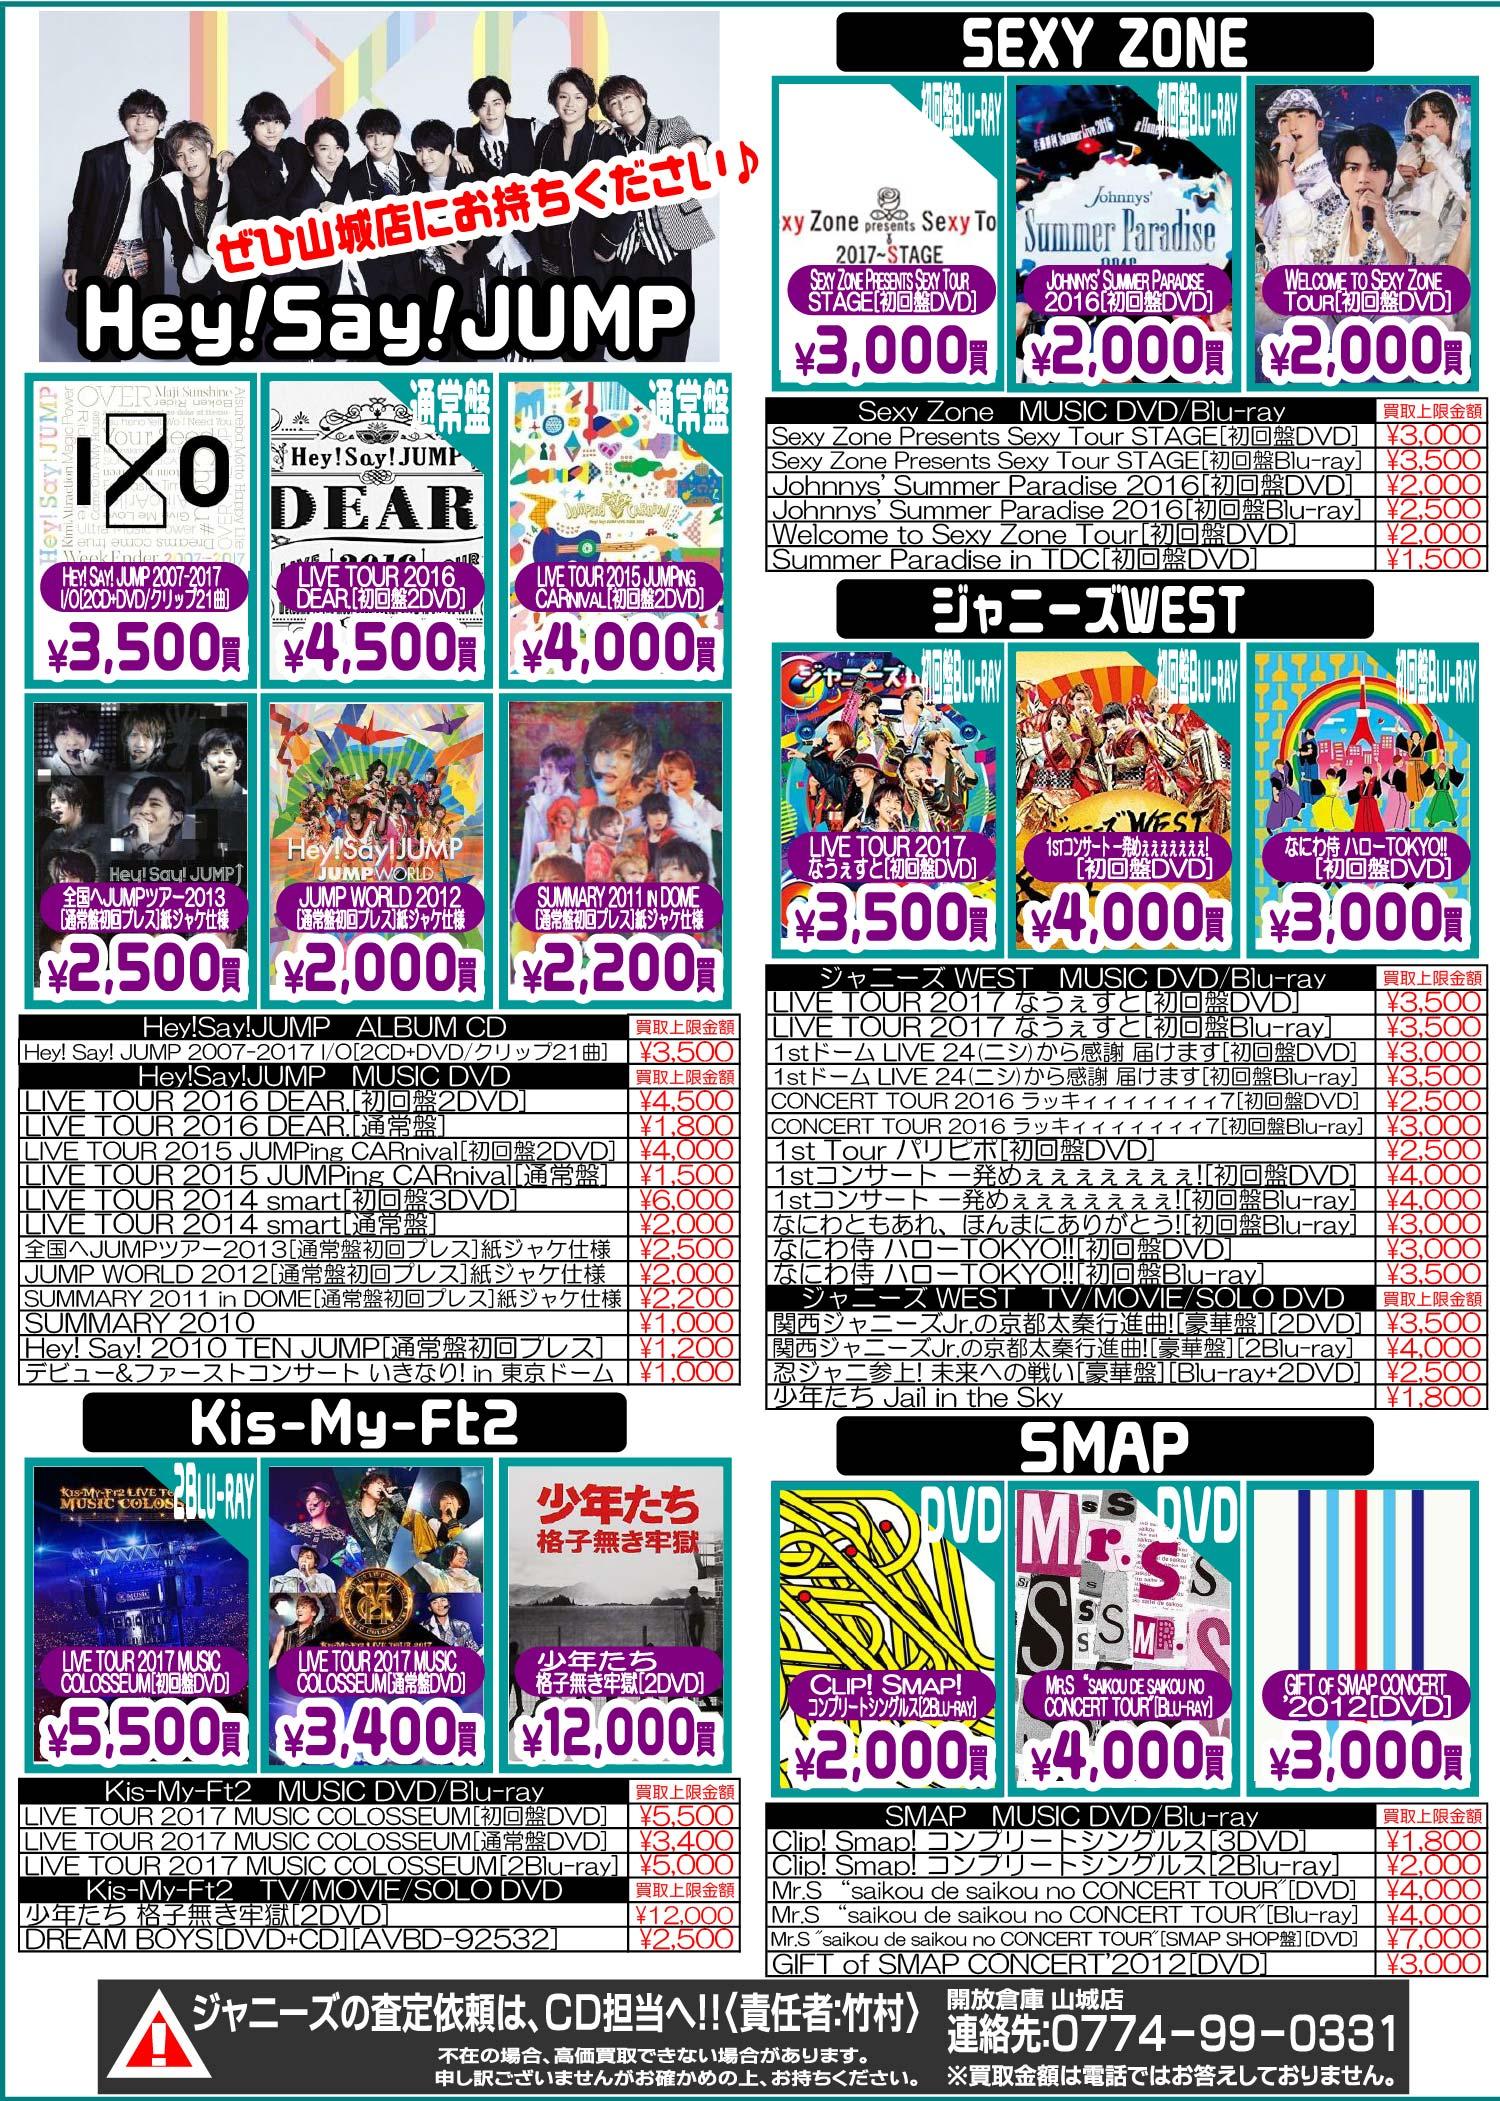 「開放倉庫山城店」CDコーナー<ジャニーズ買取告知3月号>Hey!Say!JUMP、SEXY ZONE、ジャニーズWEST、Kis-My-Ft2、SMAP強化買取中!!ぜひ山城店にお持ちください♪